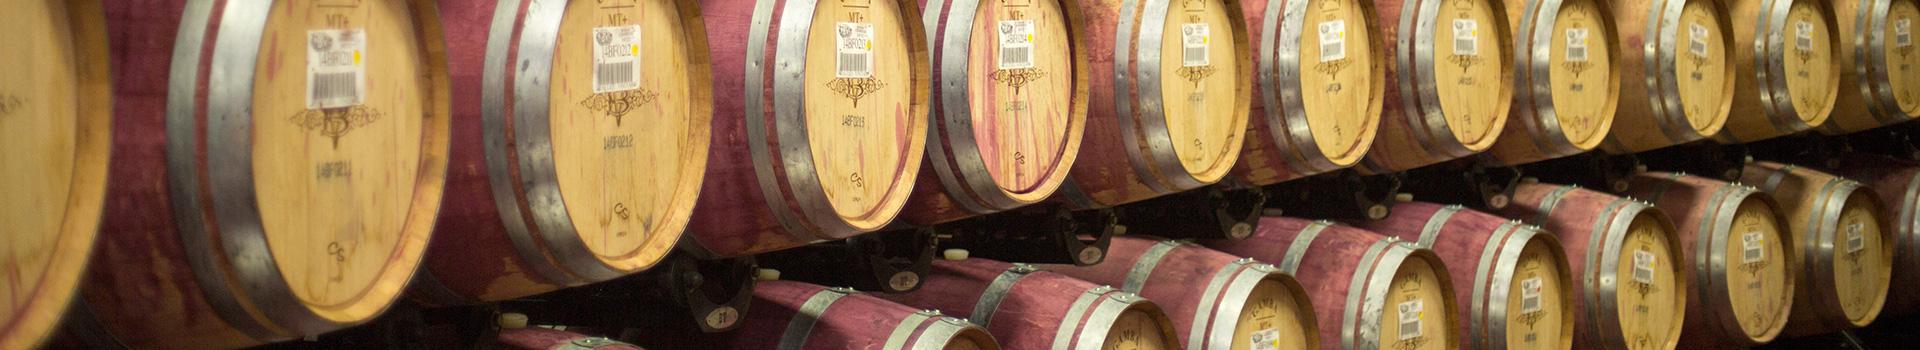 BV Barrels